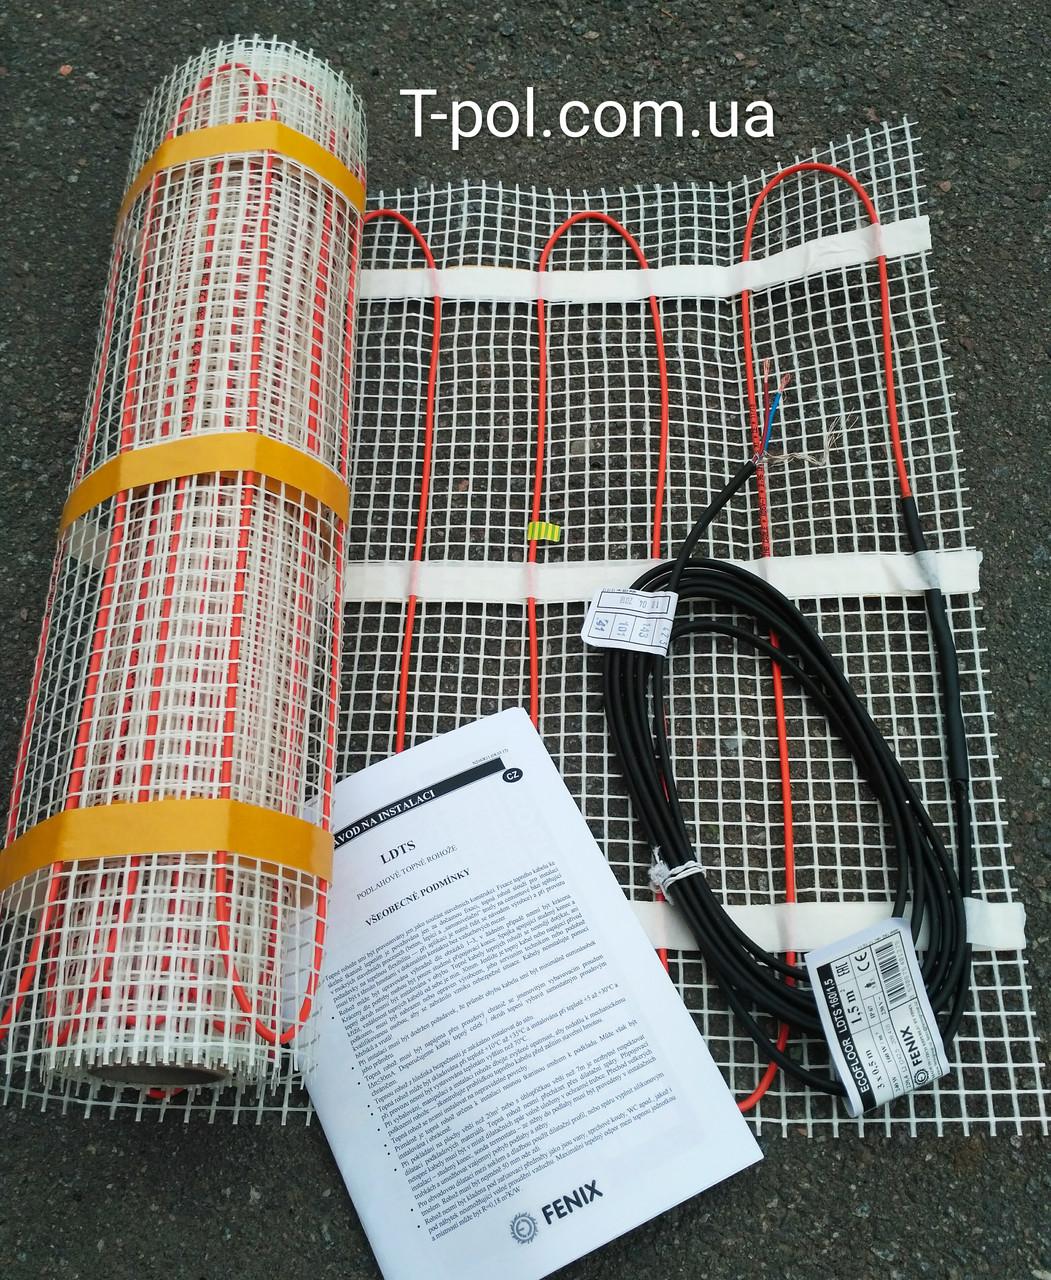 Теплый пол без стяжки нагревательный мат ldts 8 м2 Ecoflor Fenix Чехия